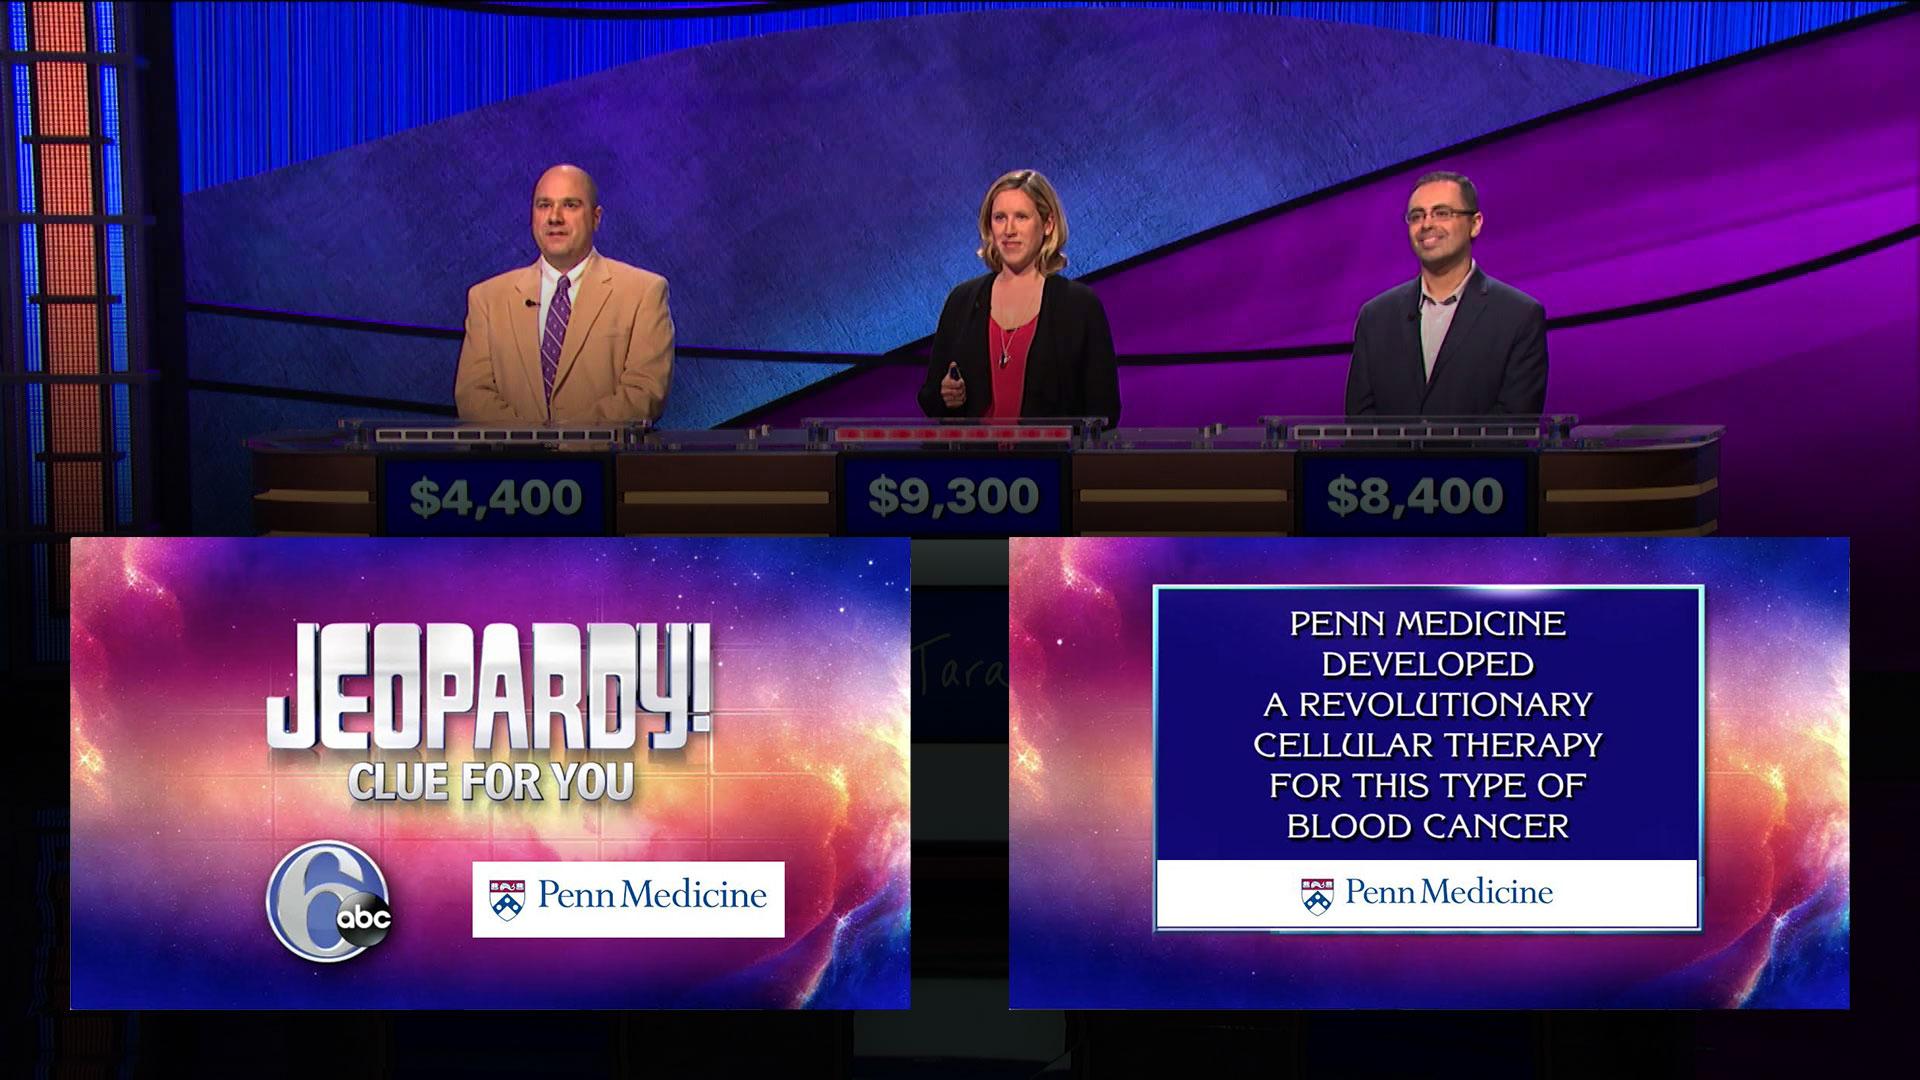 PM_Jeopardy.jpg